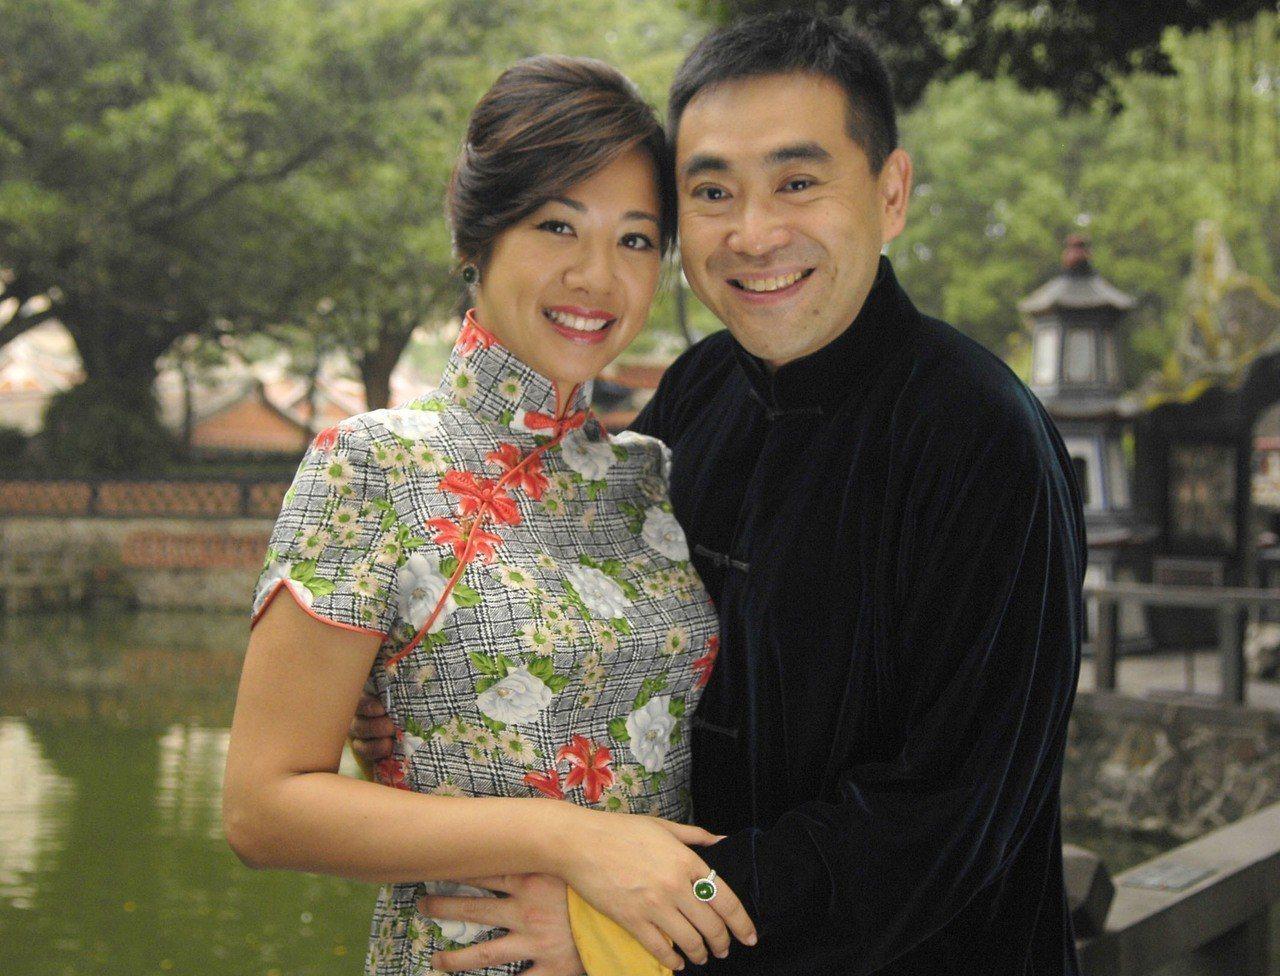 新光人壽副總經理吳欣盈與前夫林知延。報系資料照/華南銀行提供